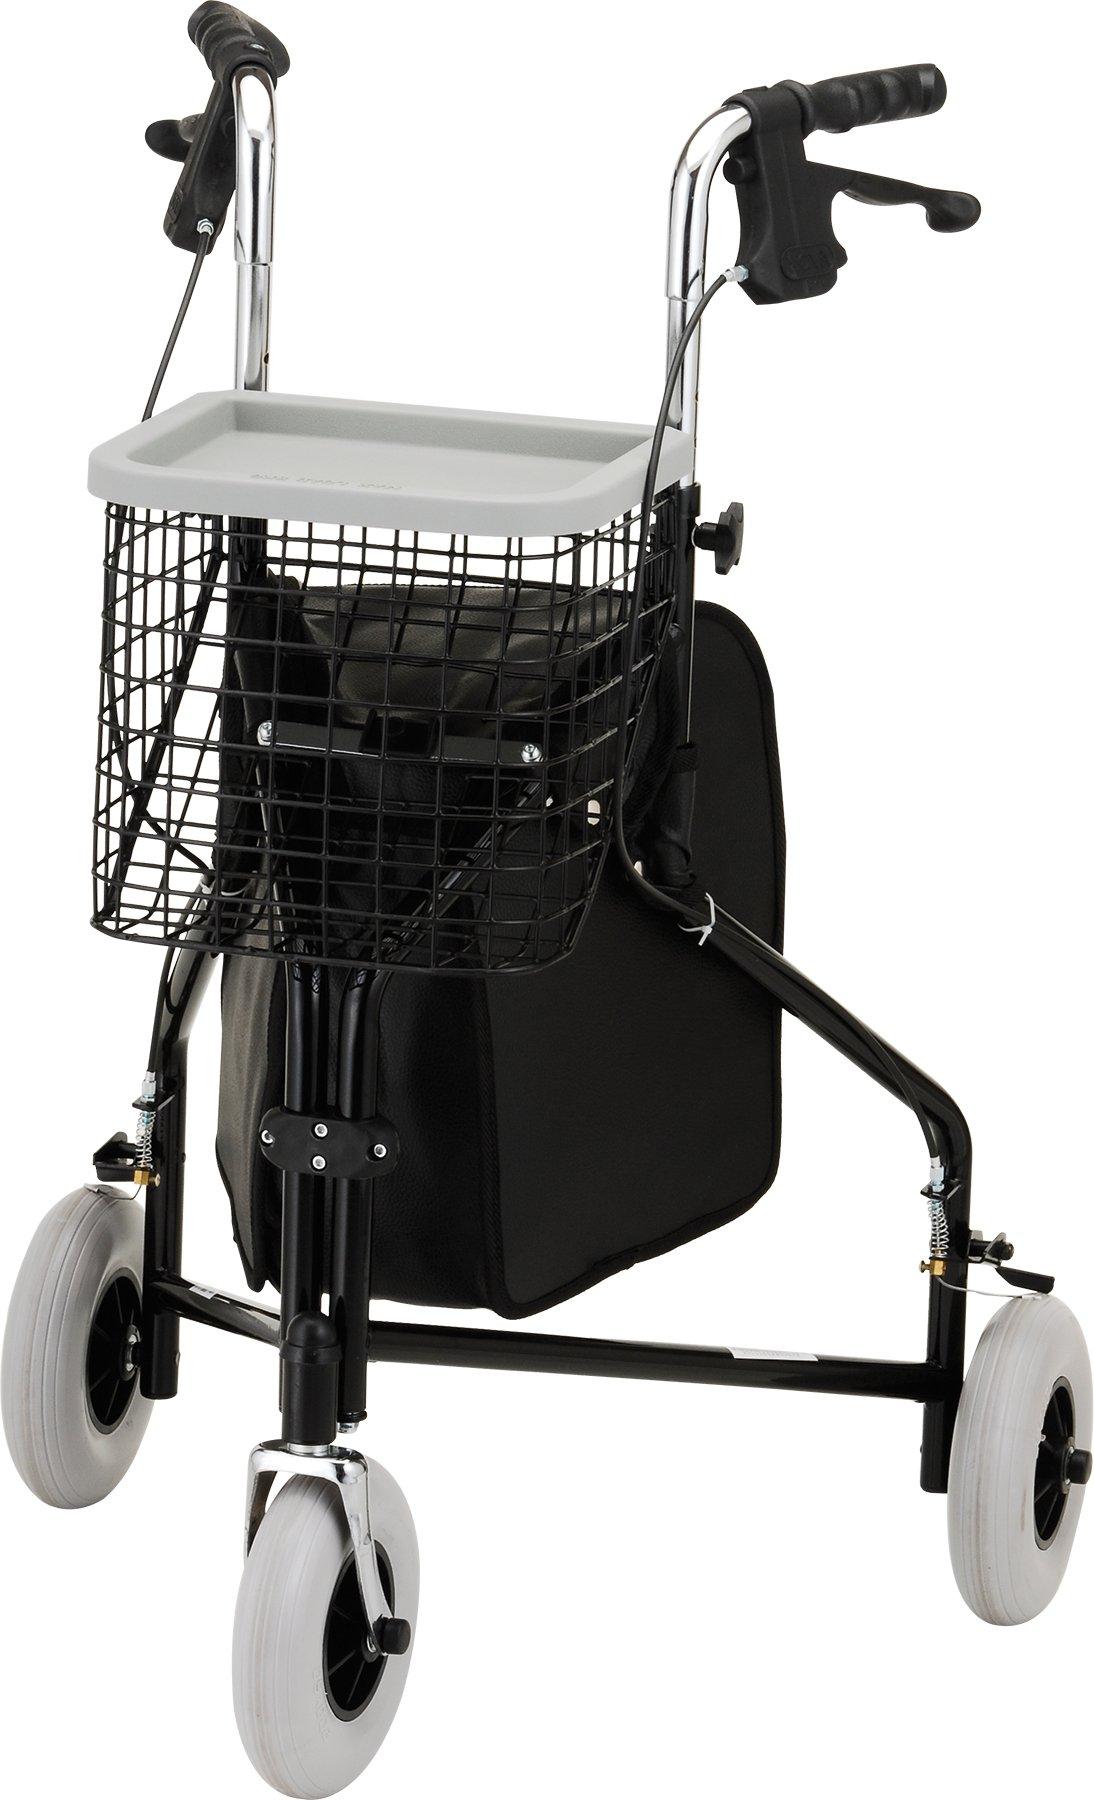 NOVA Traveler 3-Wheeled Rollator Walker, Black